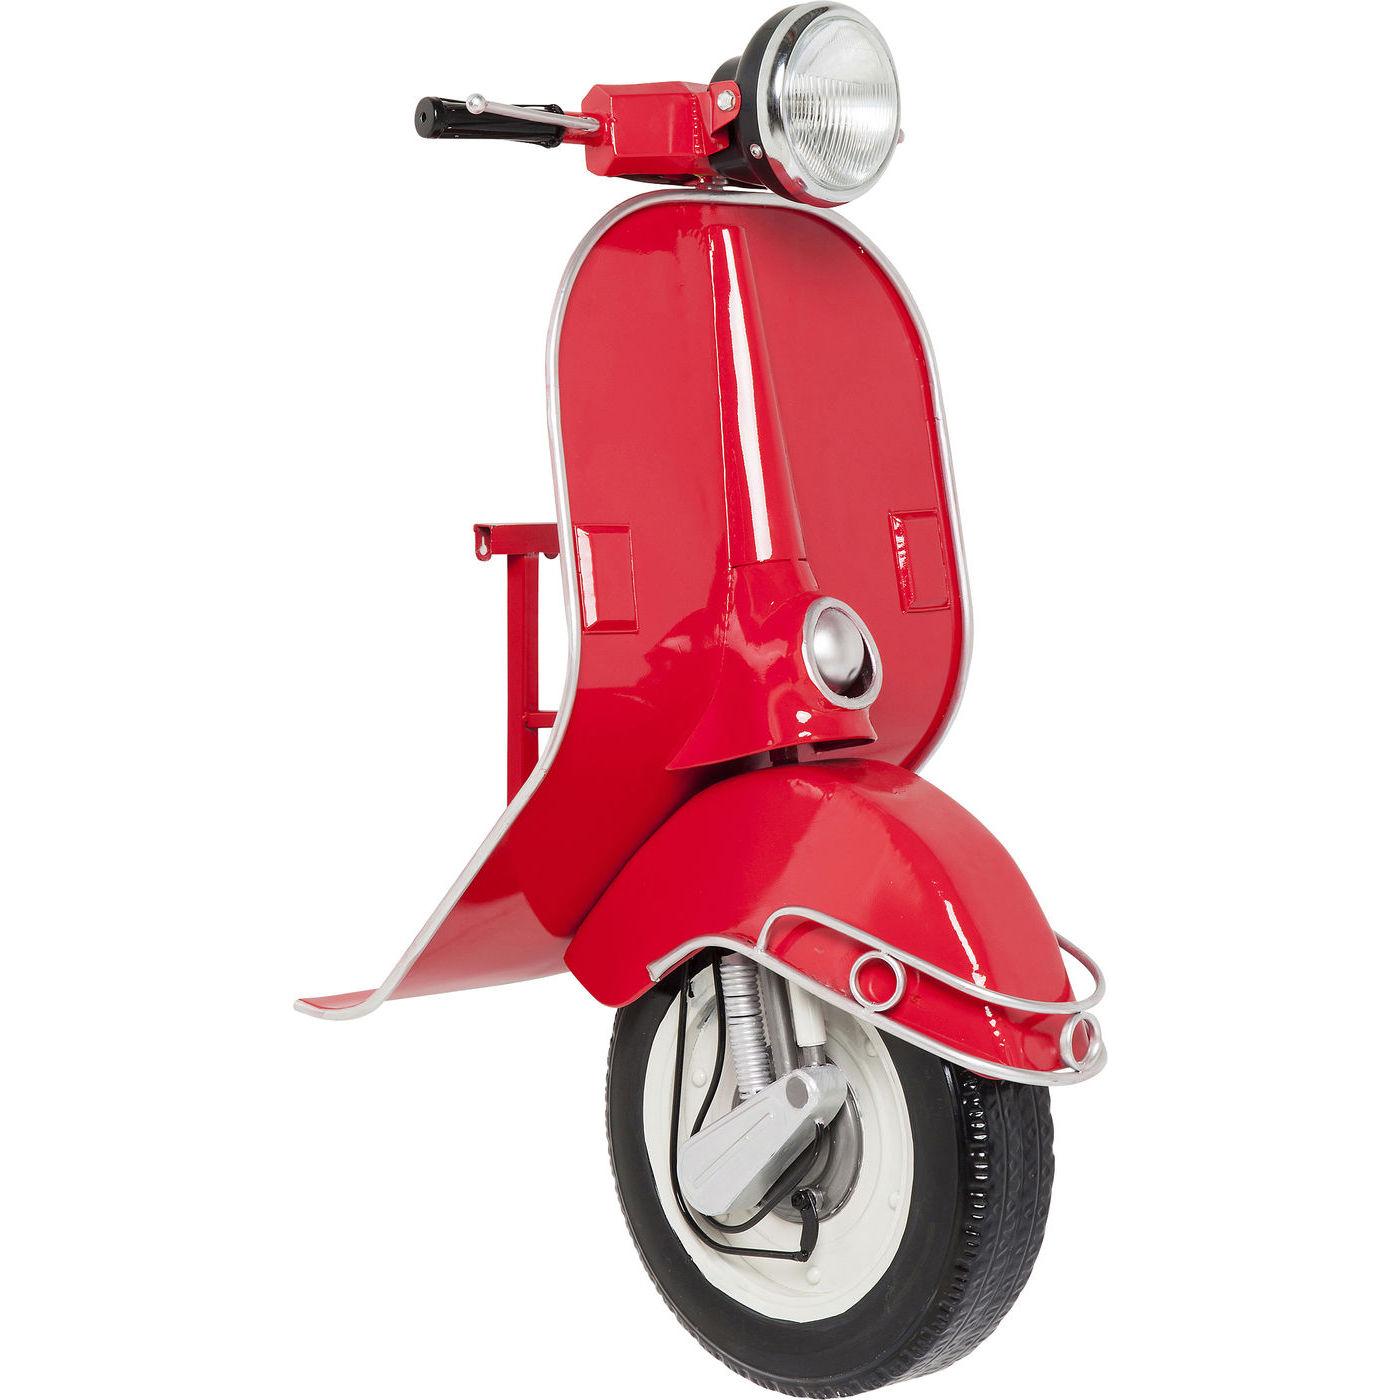 kare design Kare design scooter red econo led væglampe - sølv/rødt/sort stål fra boboonline.dk